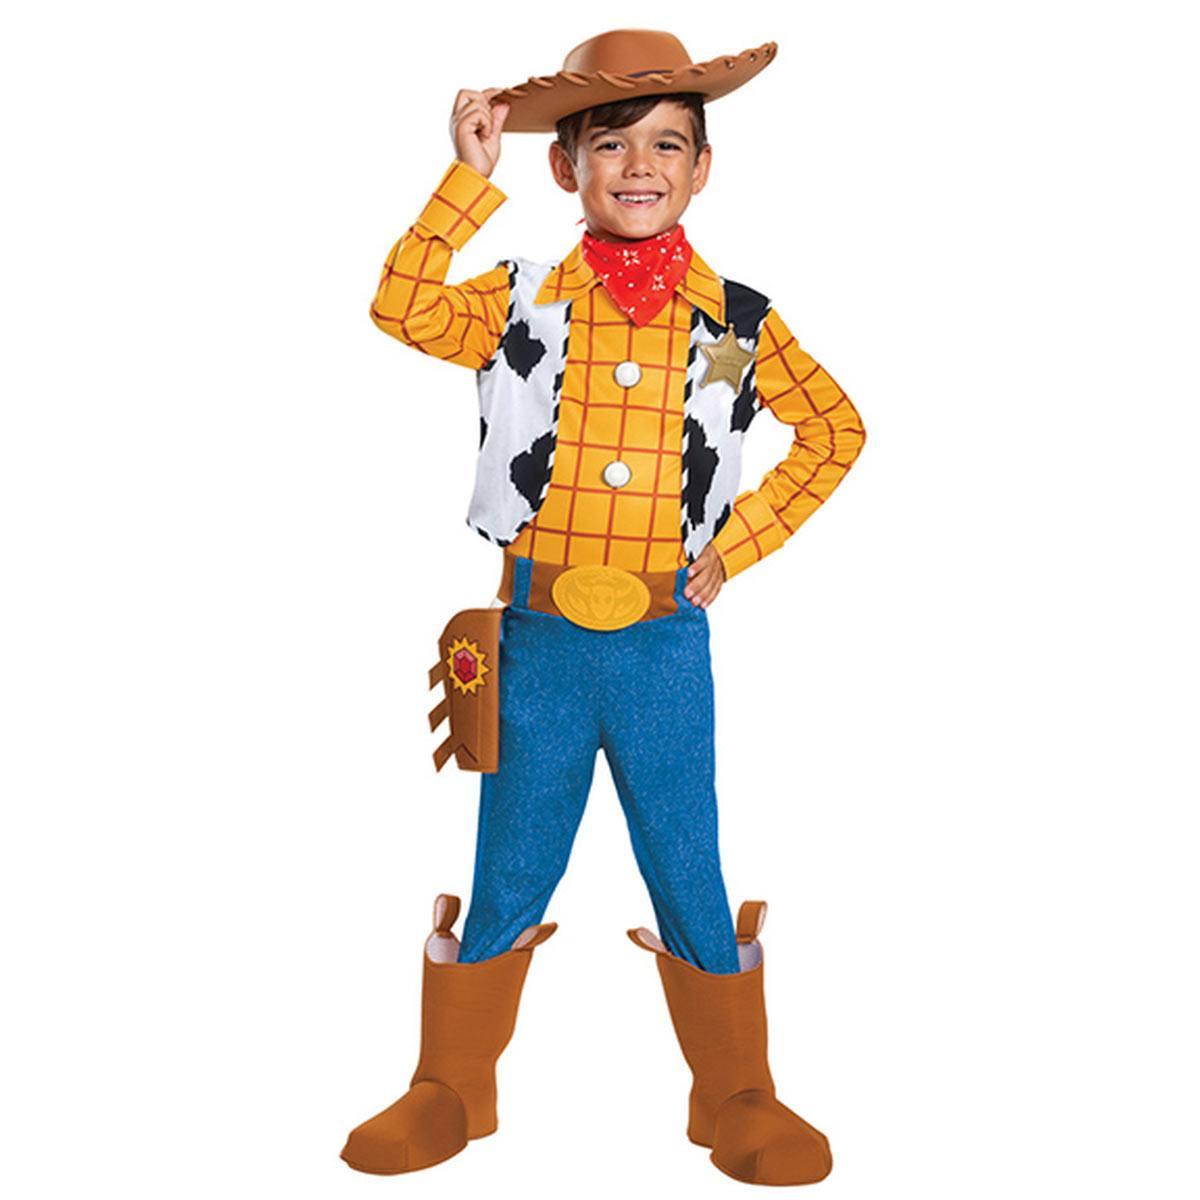 トイストーリー4 ウッディ 仮装 子供用 衣装 キッズ用 ハロウィン 変身セット ディズニー Toy Story 4